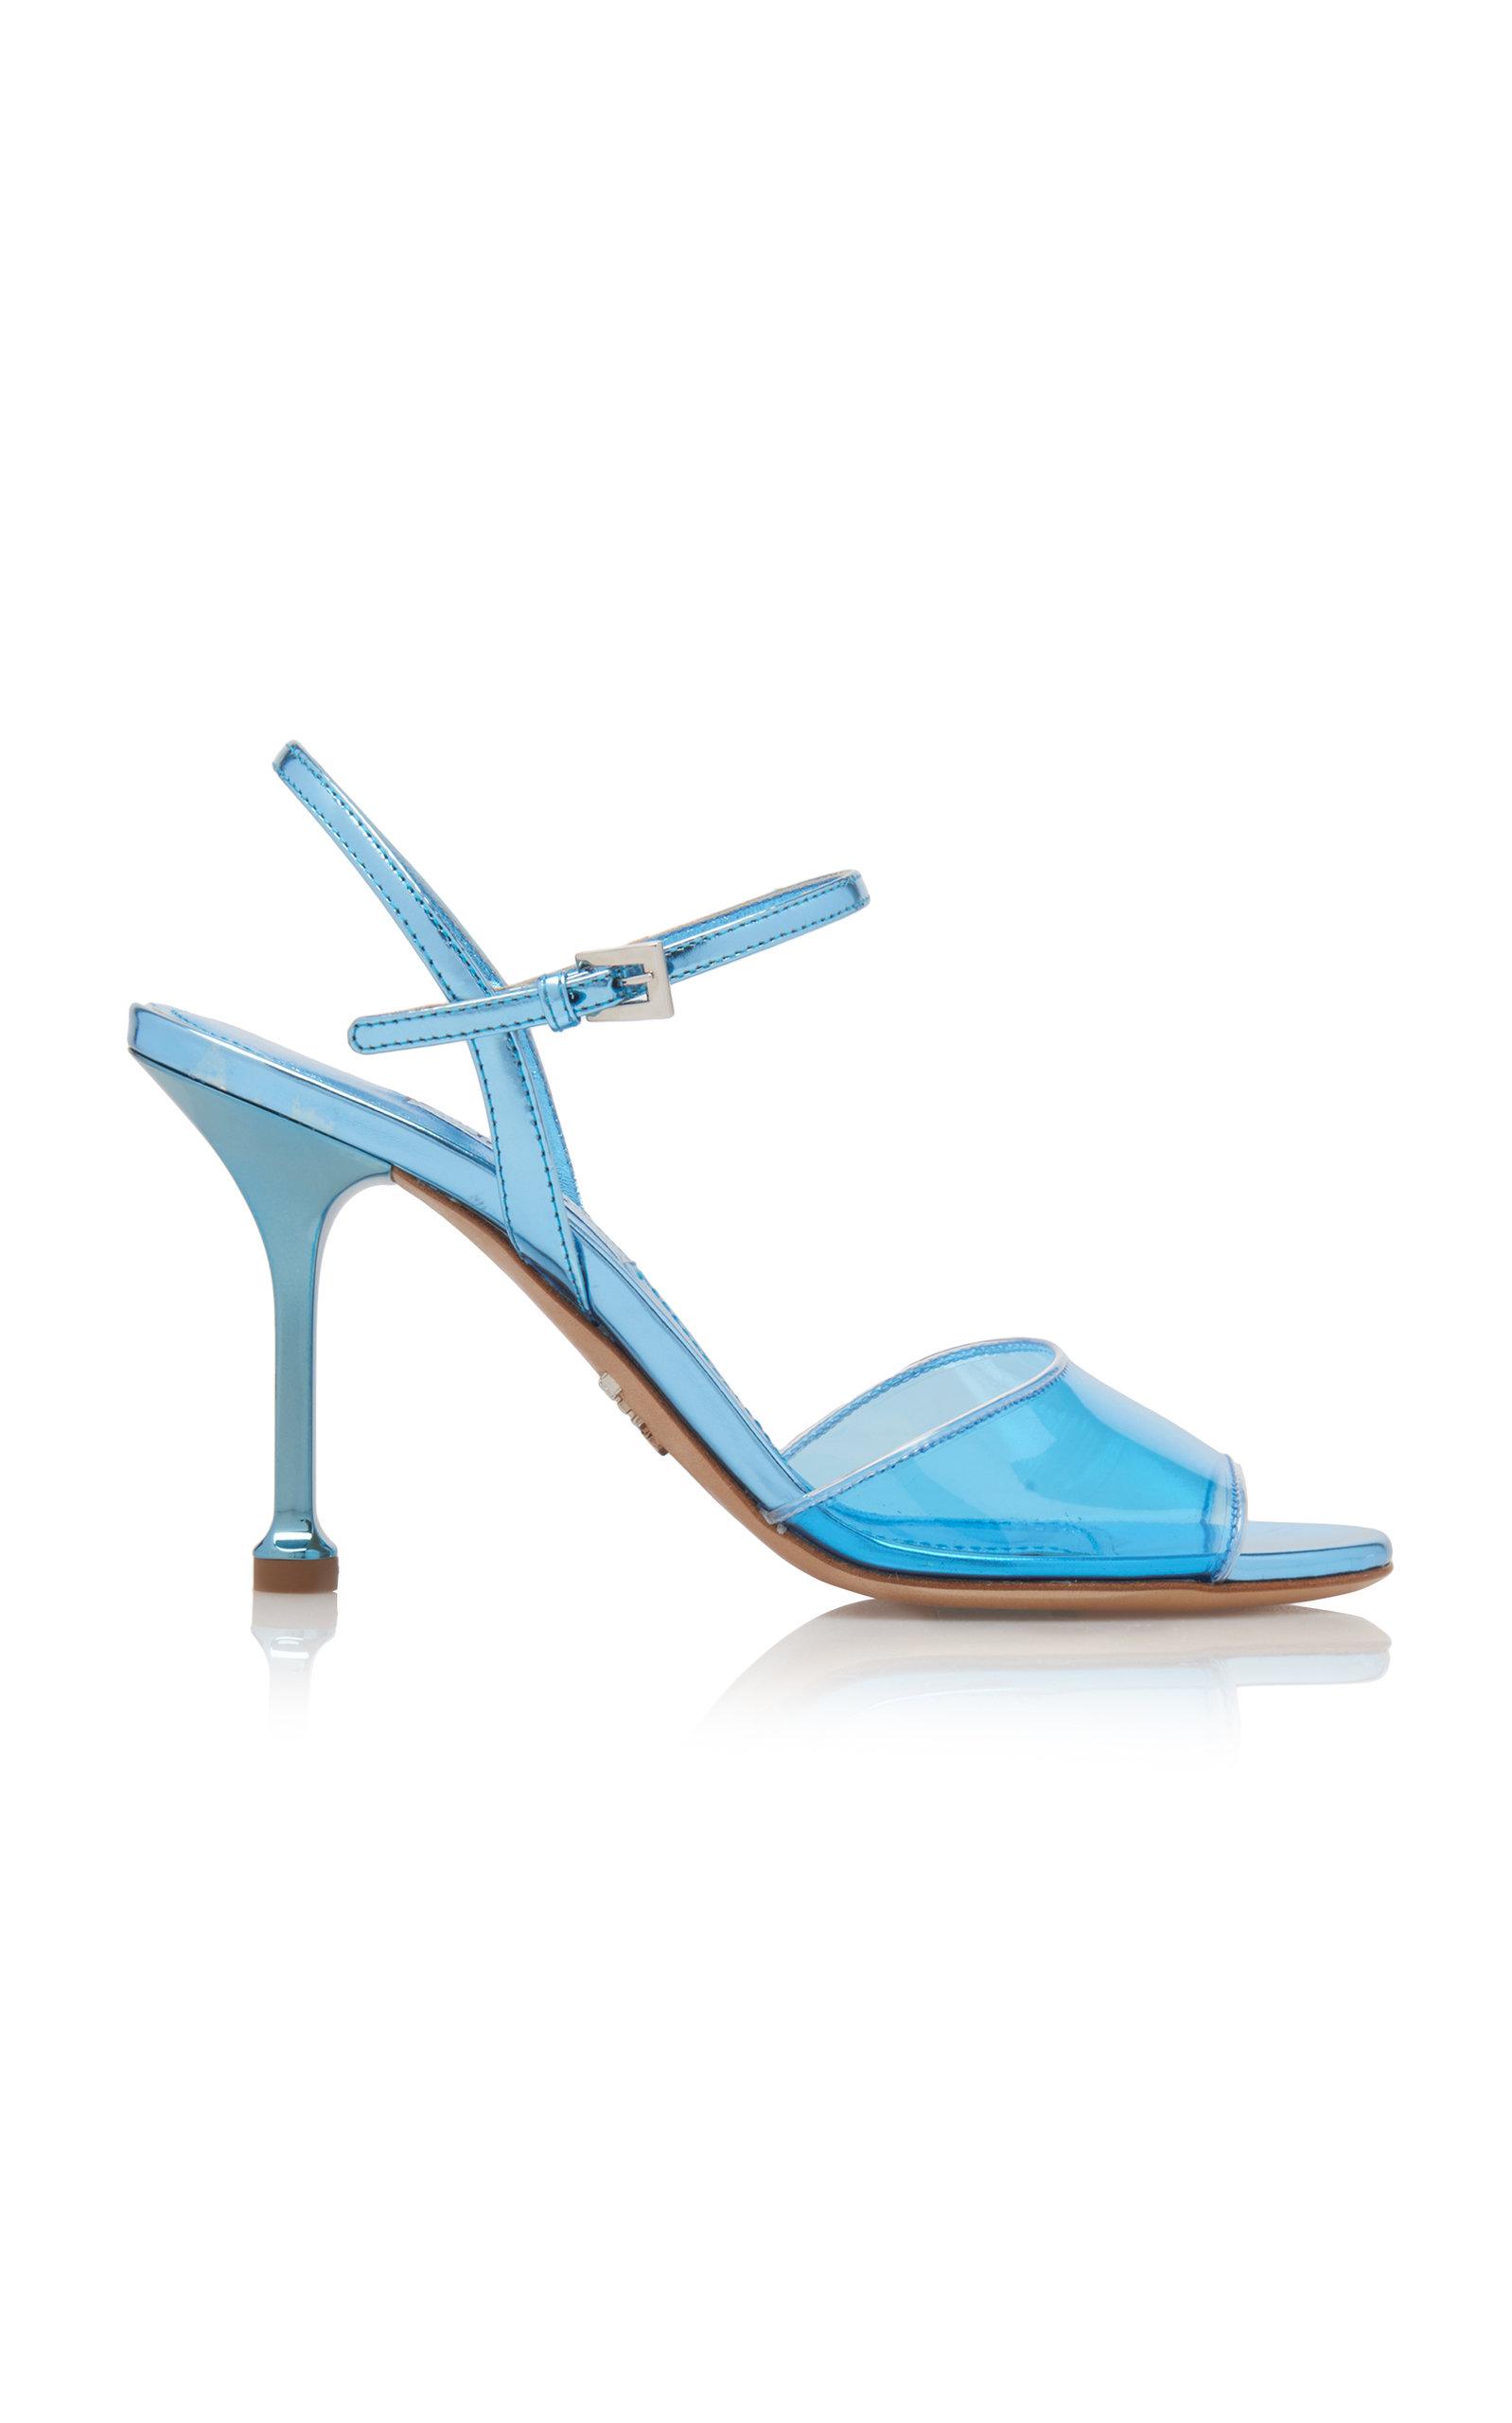 Prada Sandals $790